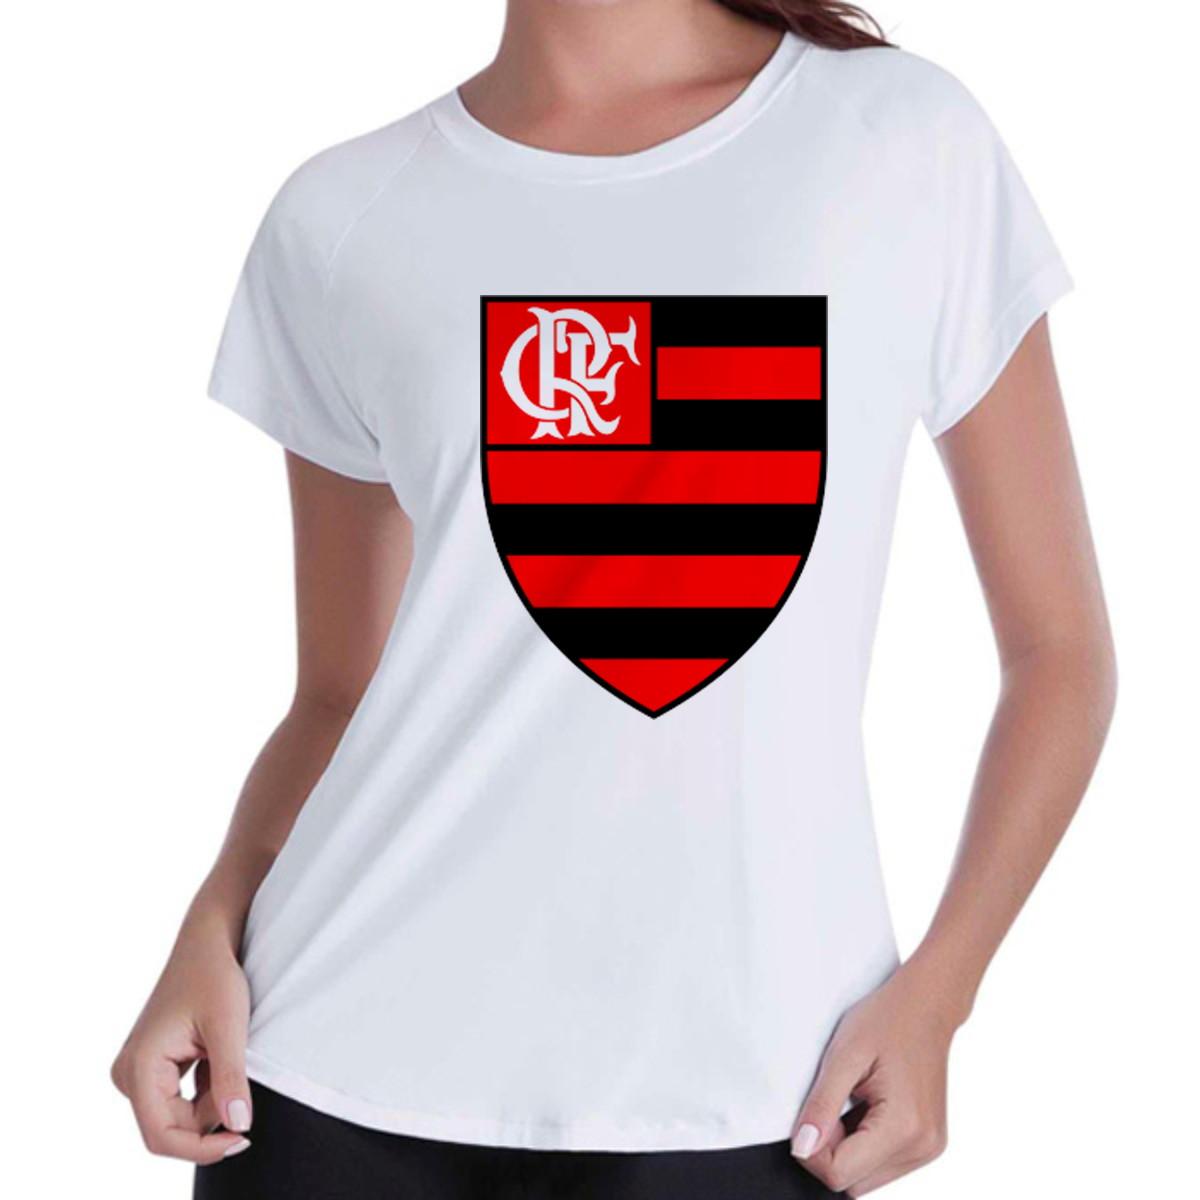 dc5ca2e0d6 Camiseta Camisa Clube de Regatas do Flamengo